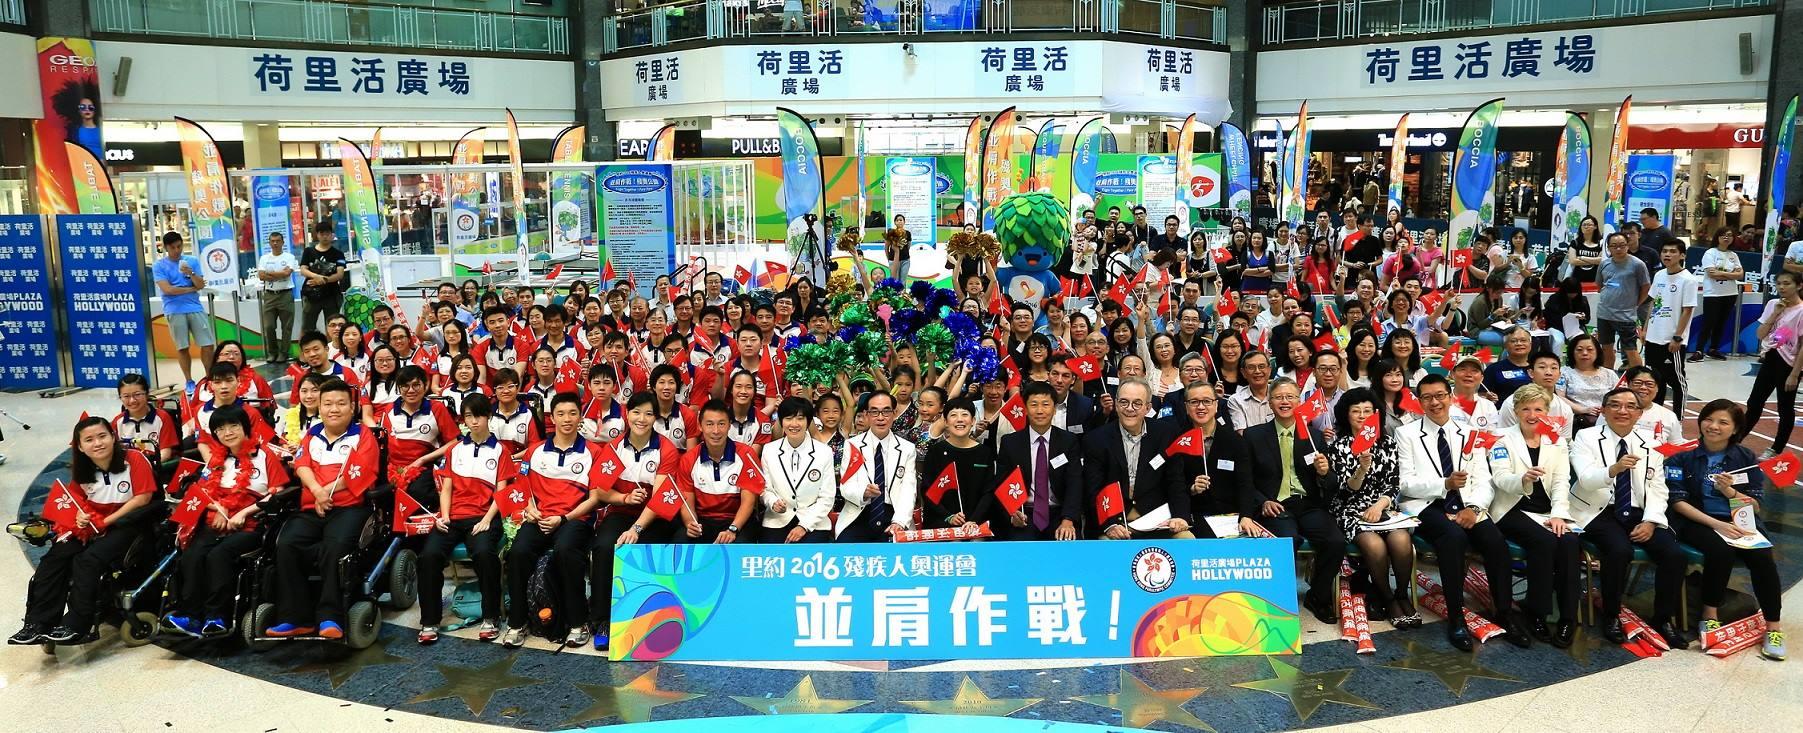 里約2016殘疾人奧運會香港代表團誓師大會暨全城打氣日